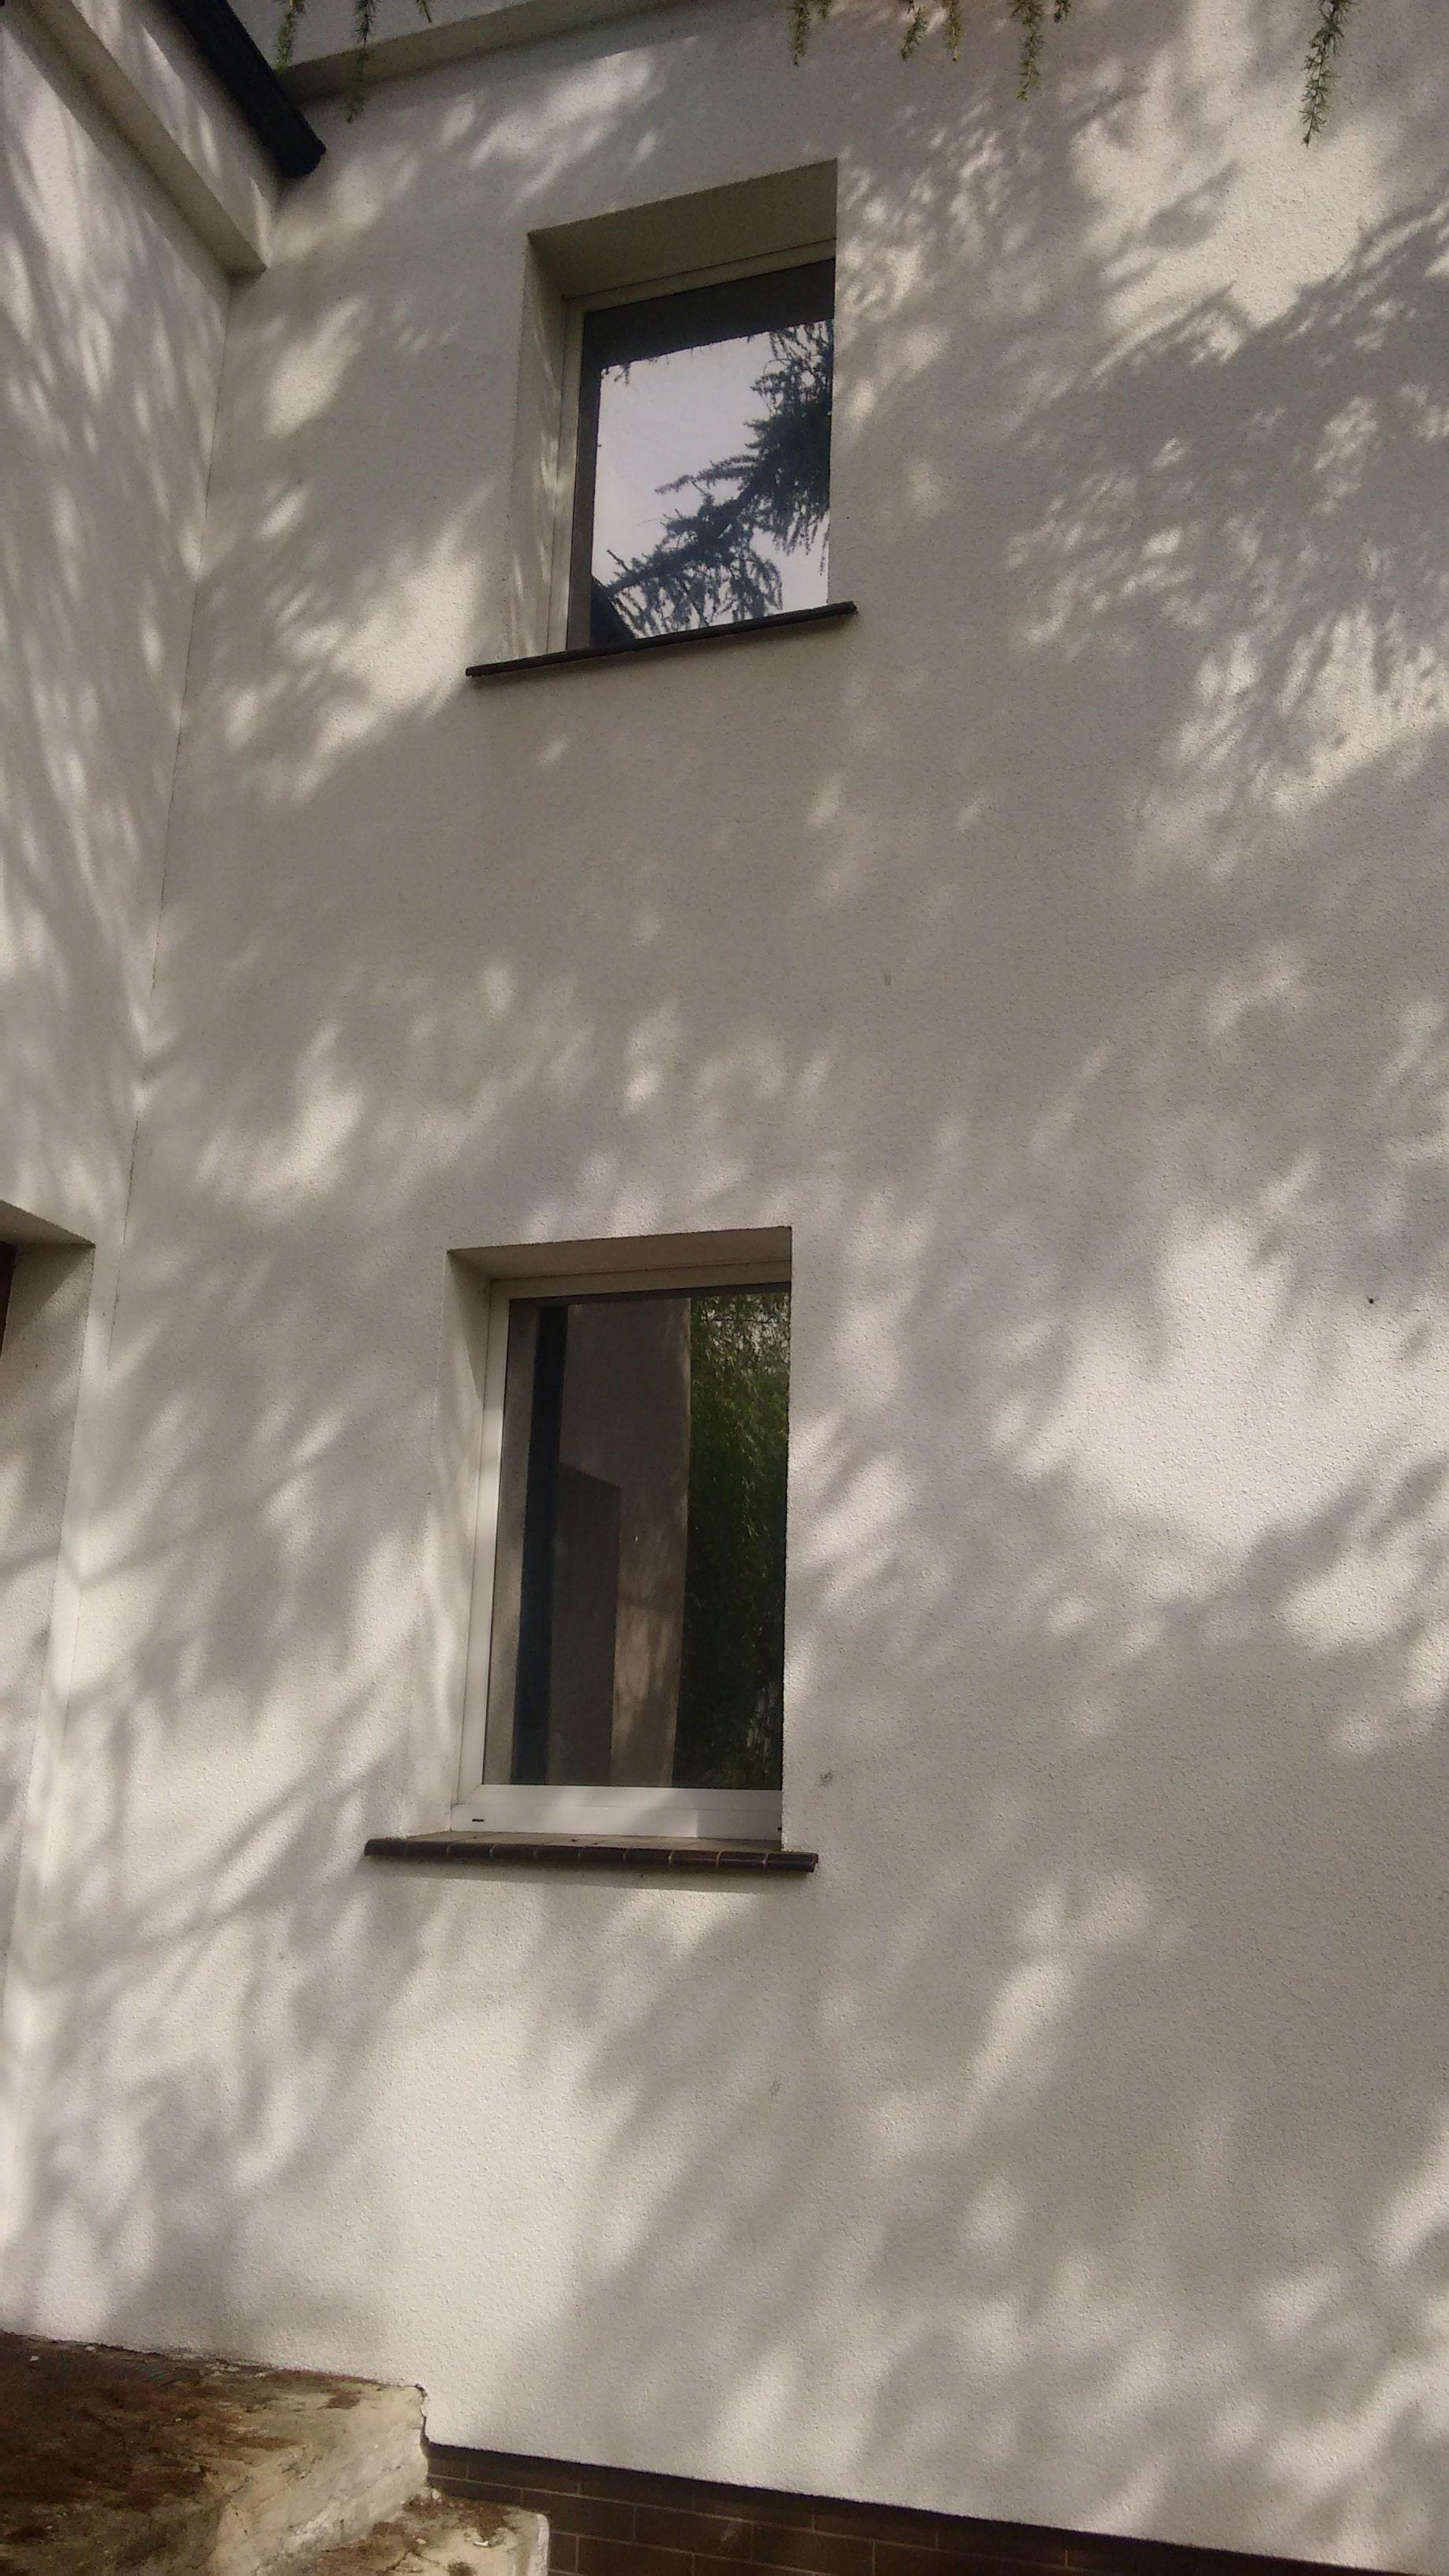 Folia Lustrzana M35 XT w Słoneczny Dzień